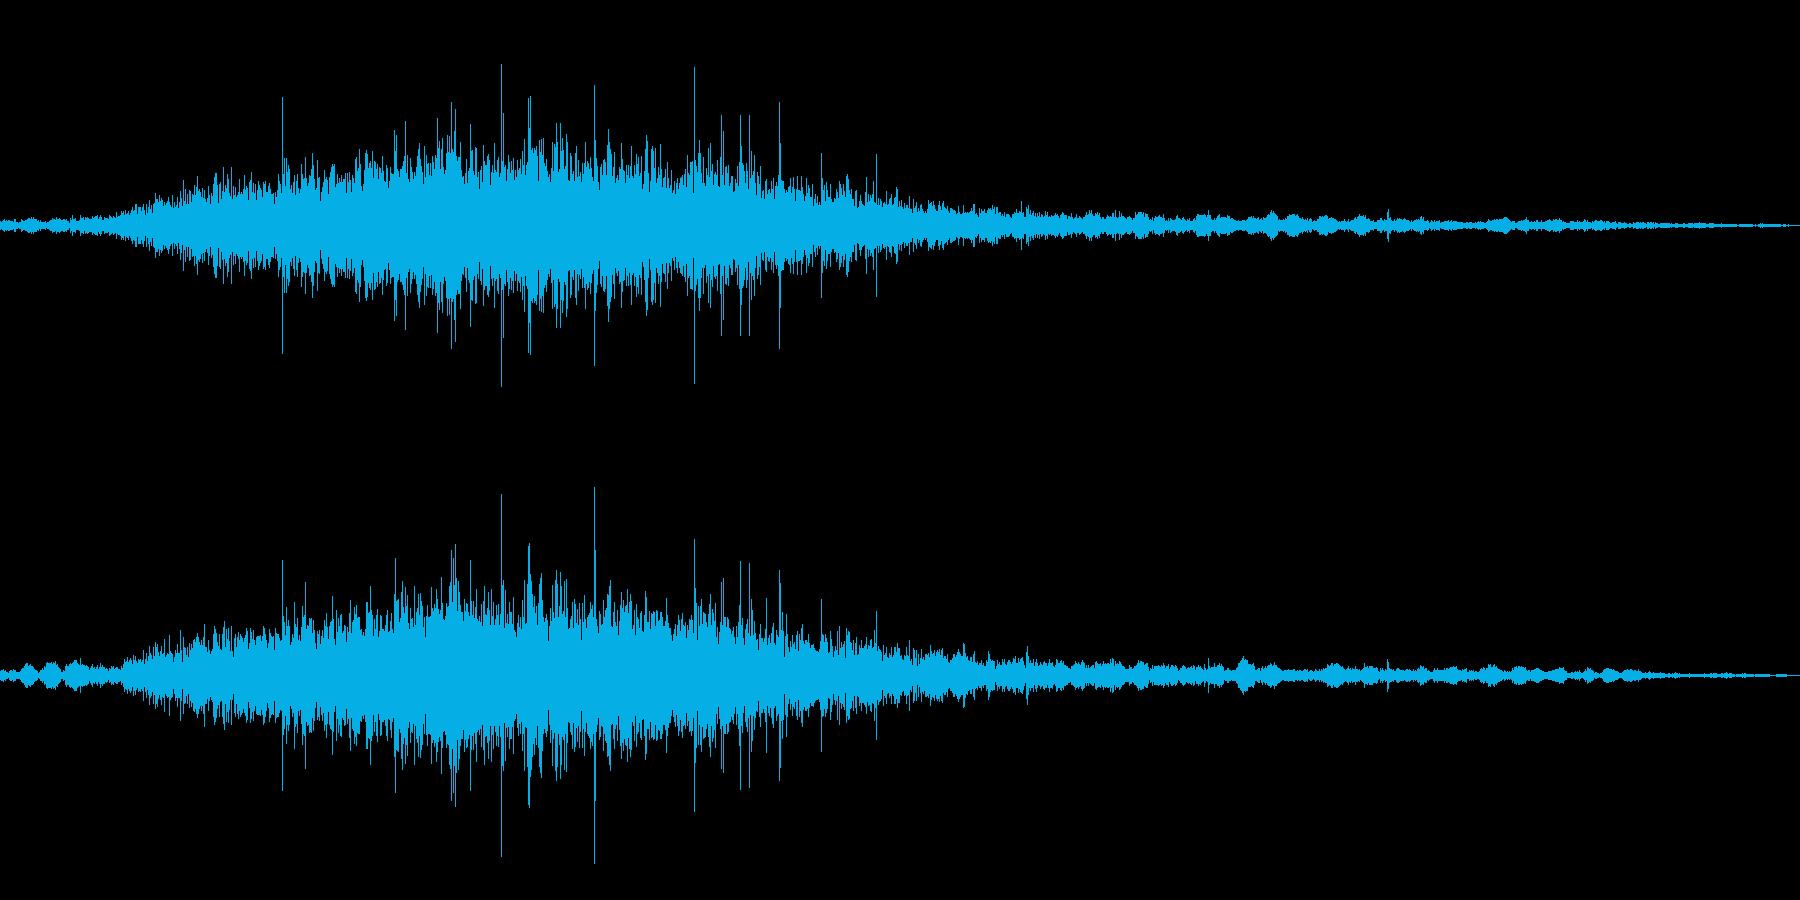 ザザザ…茂みから何か現る音の再生済みの波形